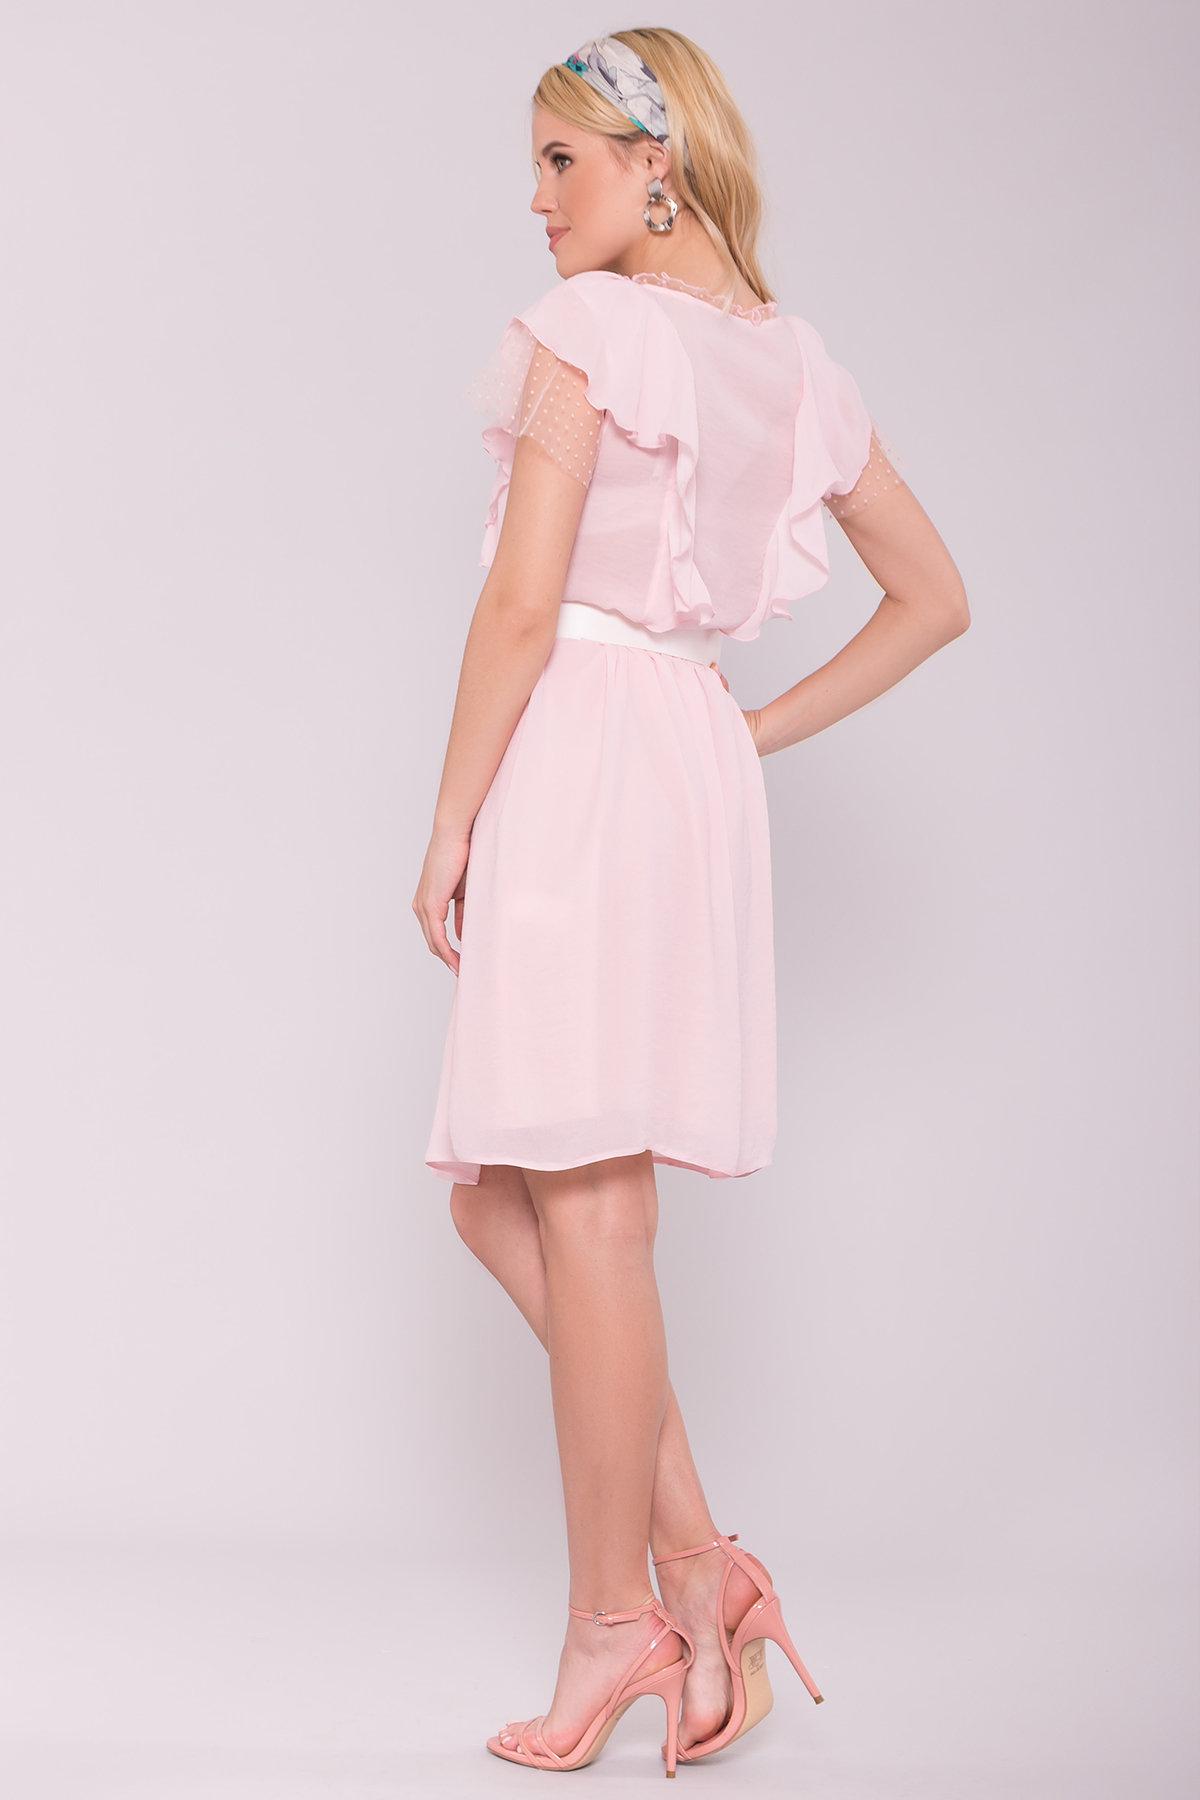 Платье Либре 7256 АРТ. 42820 Цвет: Розовый светлый 7 - фото 3, интернет магазин tm-modus.ru